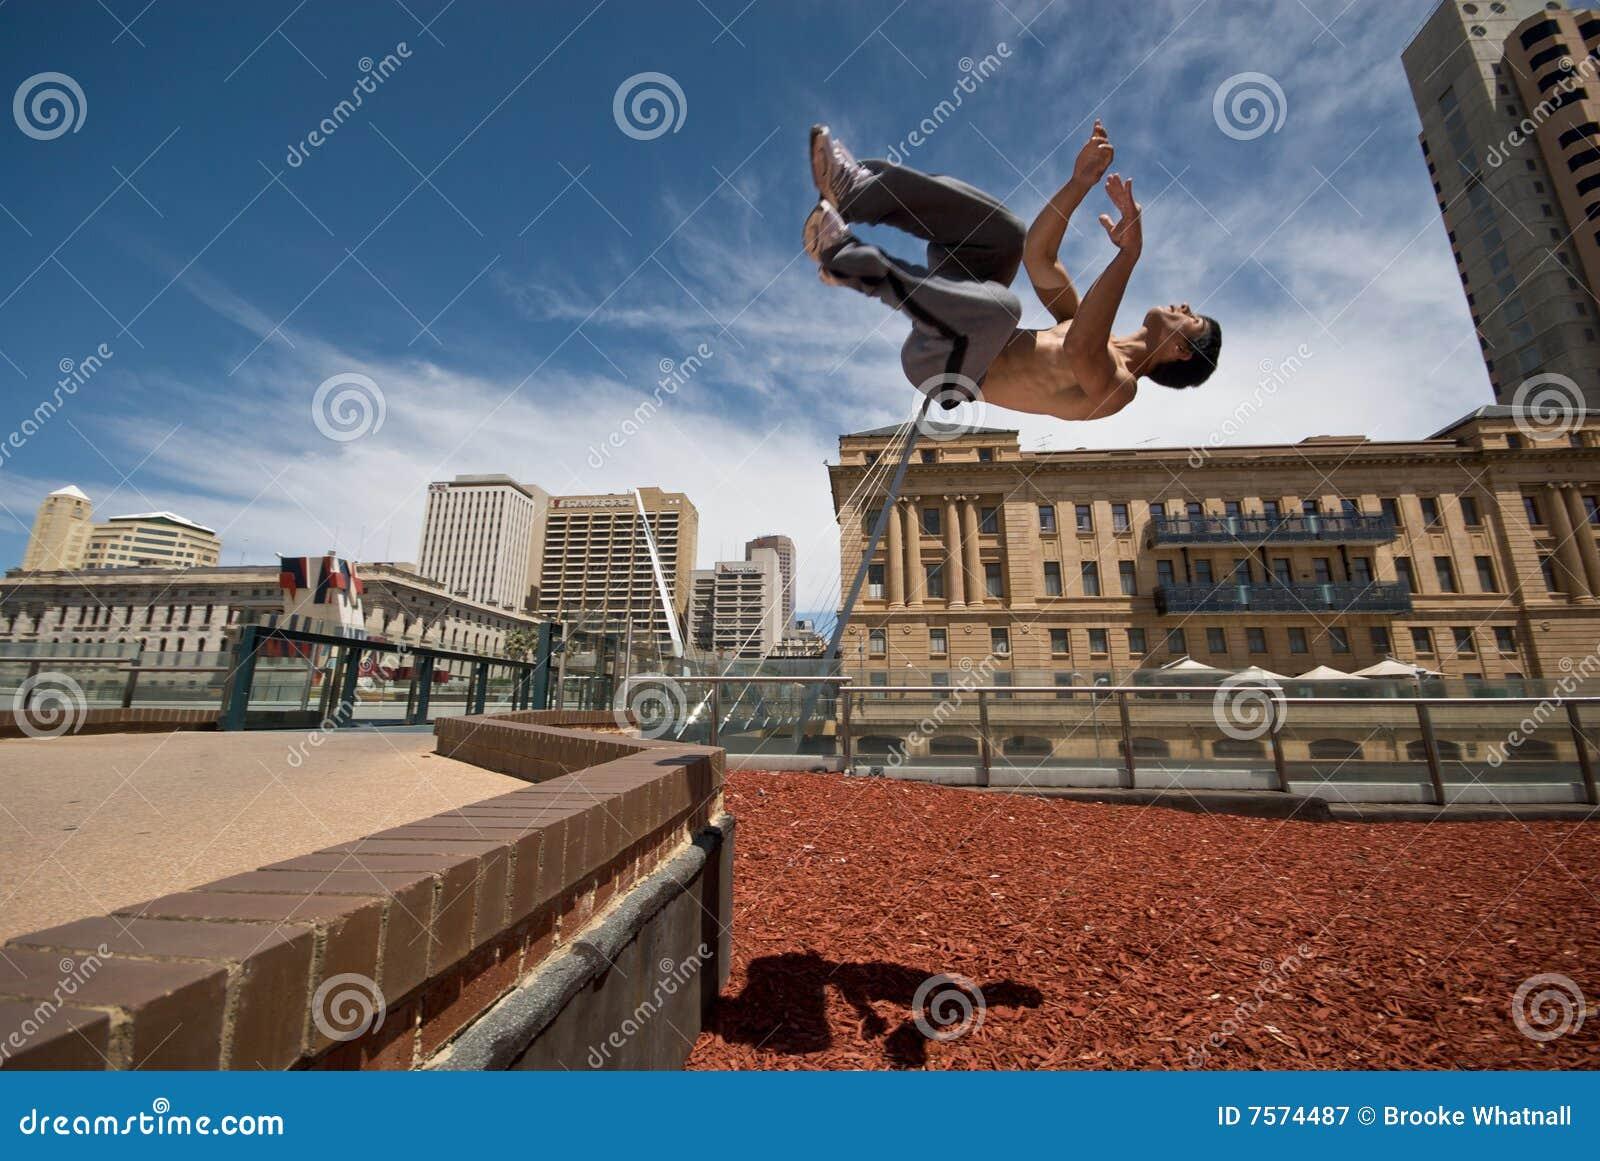 Gymnast does flip off wall